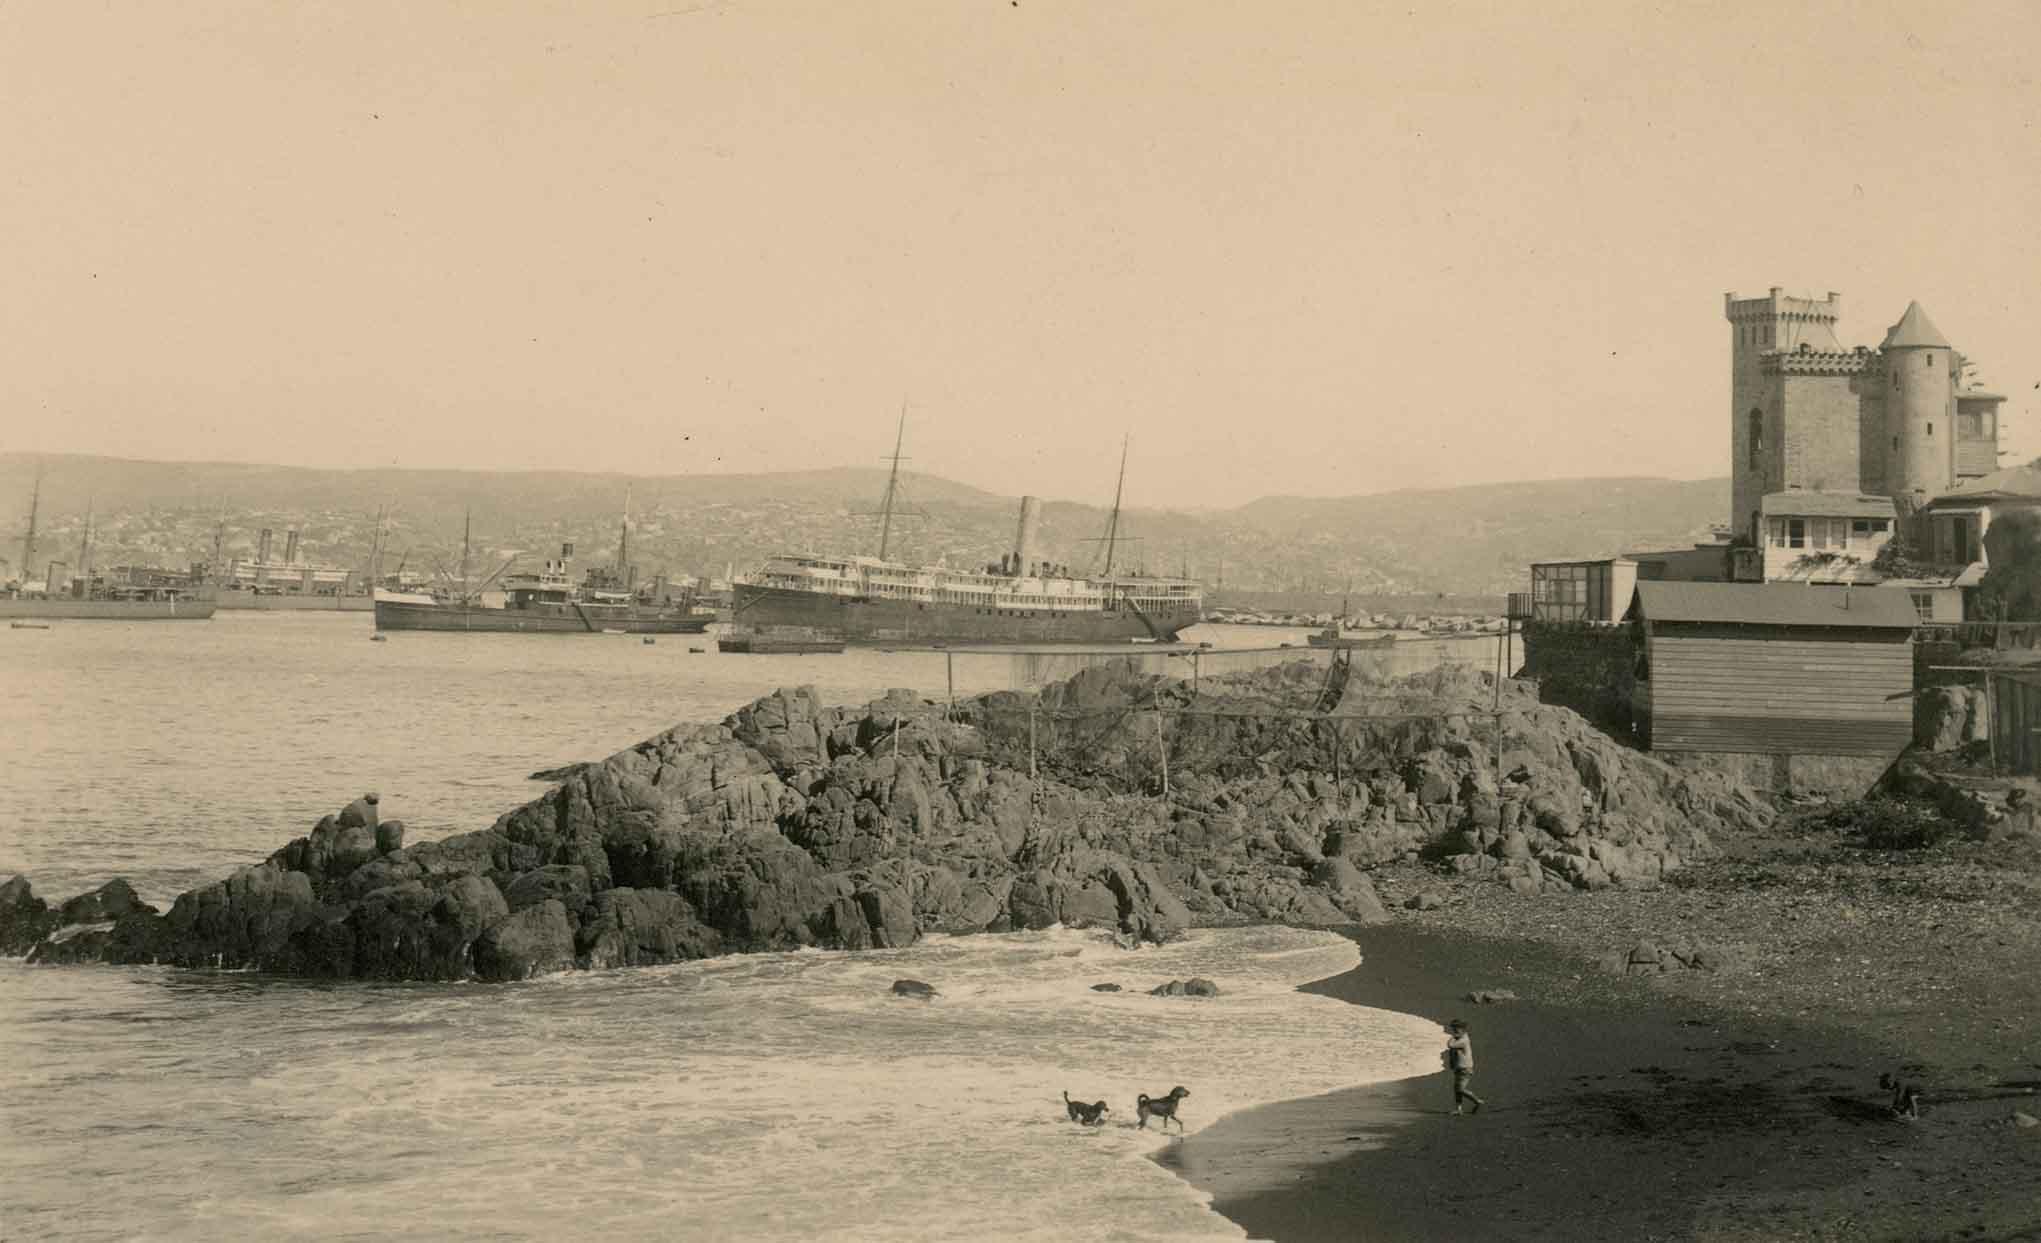 Enterreno - Fotos históricas de chile - fotos antiguas de Chile - Caleta el Membrillo en 1923